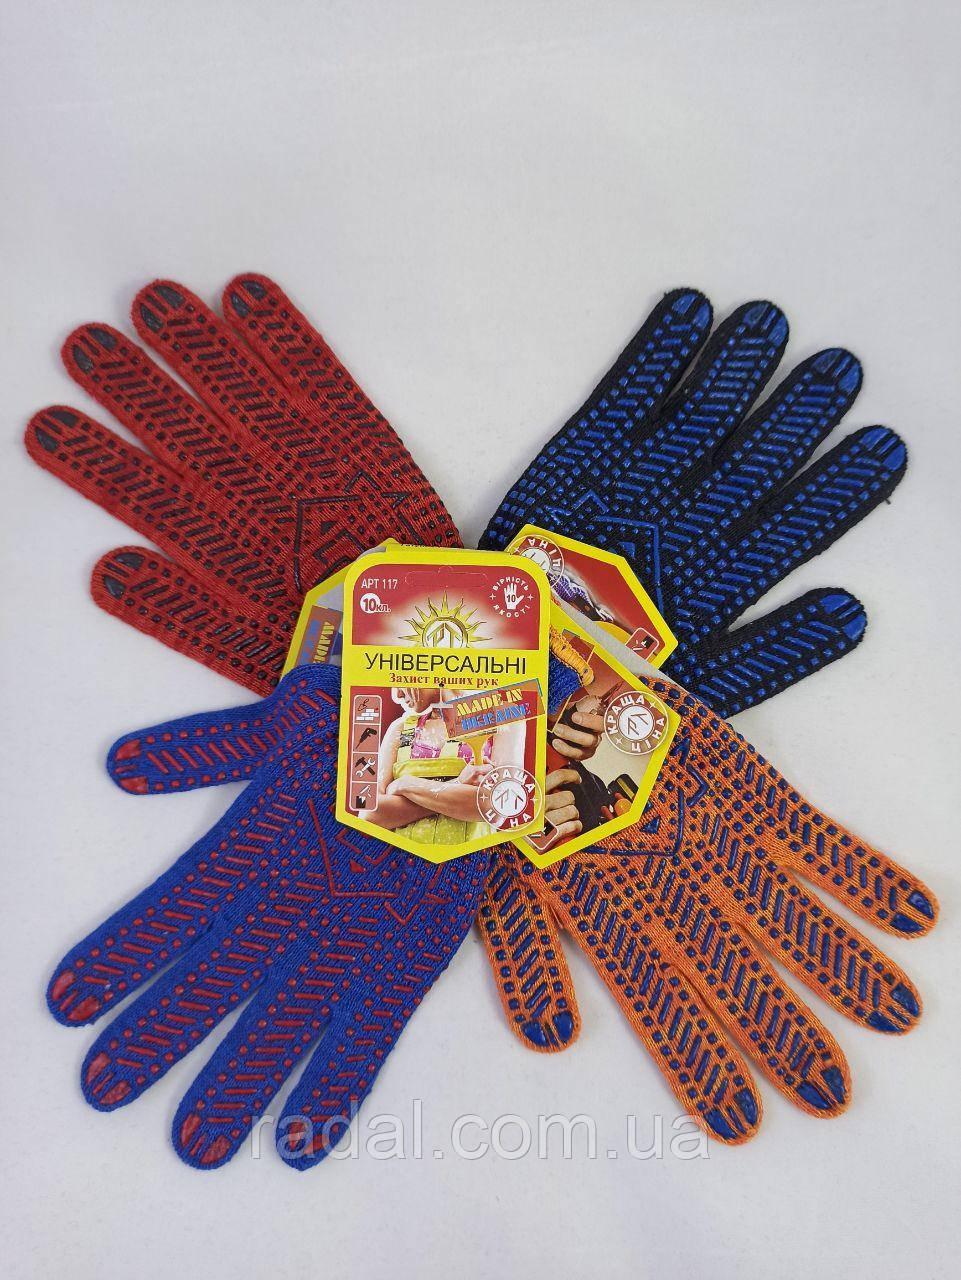 Перчатки рабочие с ПВХ точкой,7 класс, 12 размер (105)